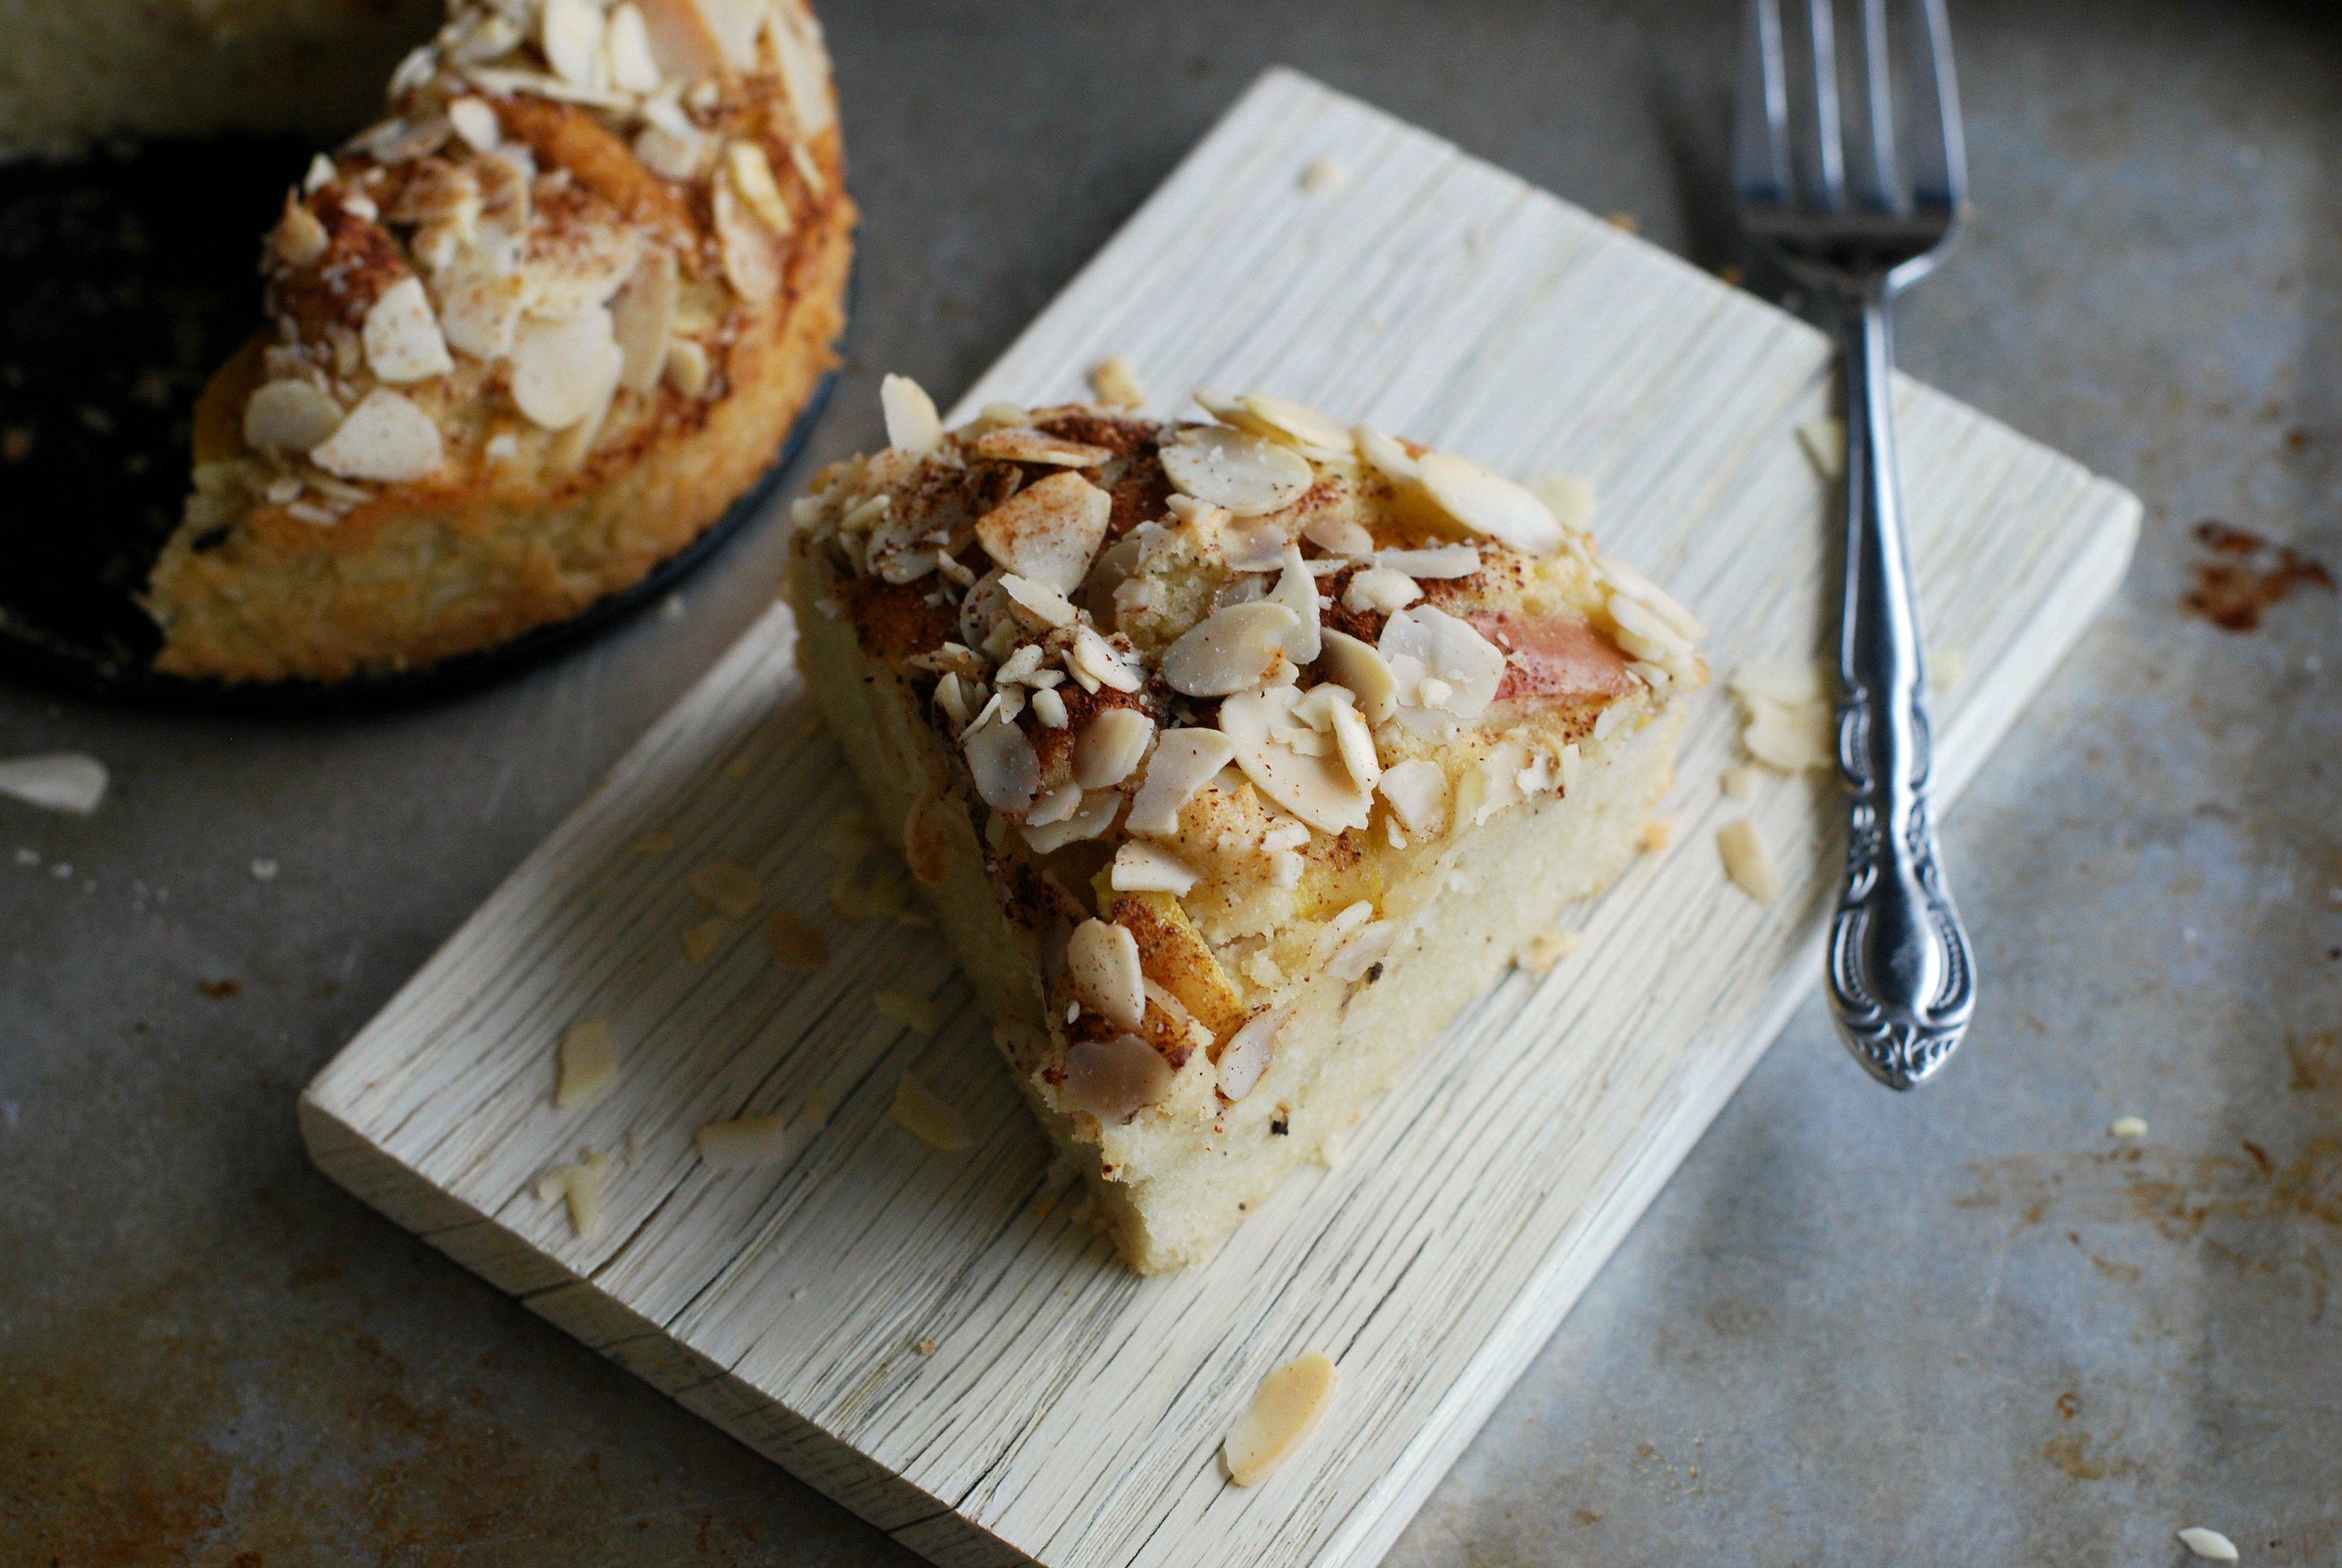 Mejerifri äppelkaka med mandel